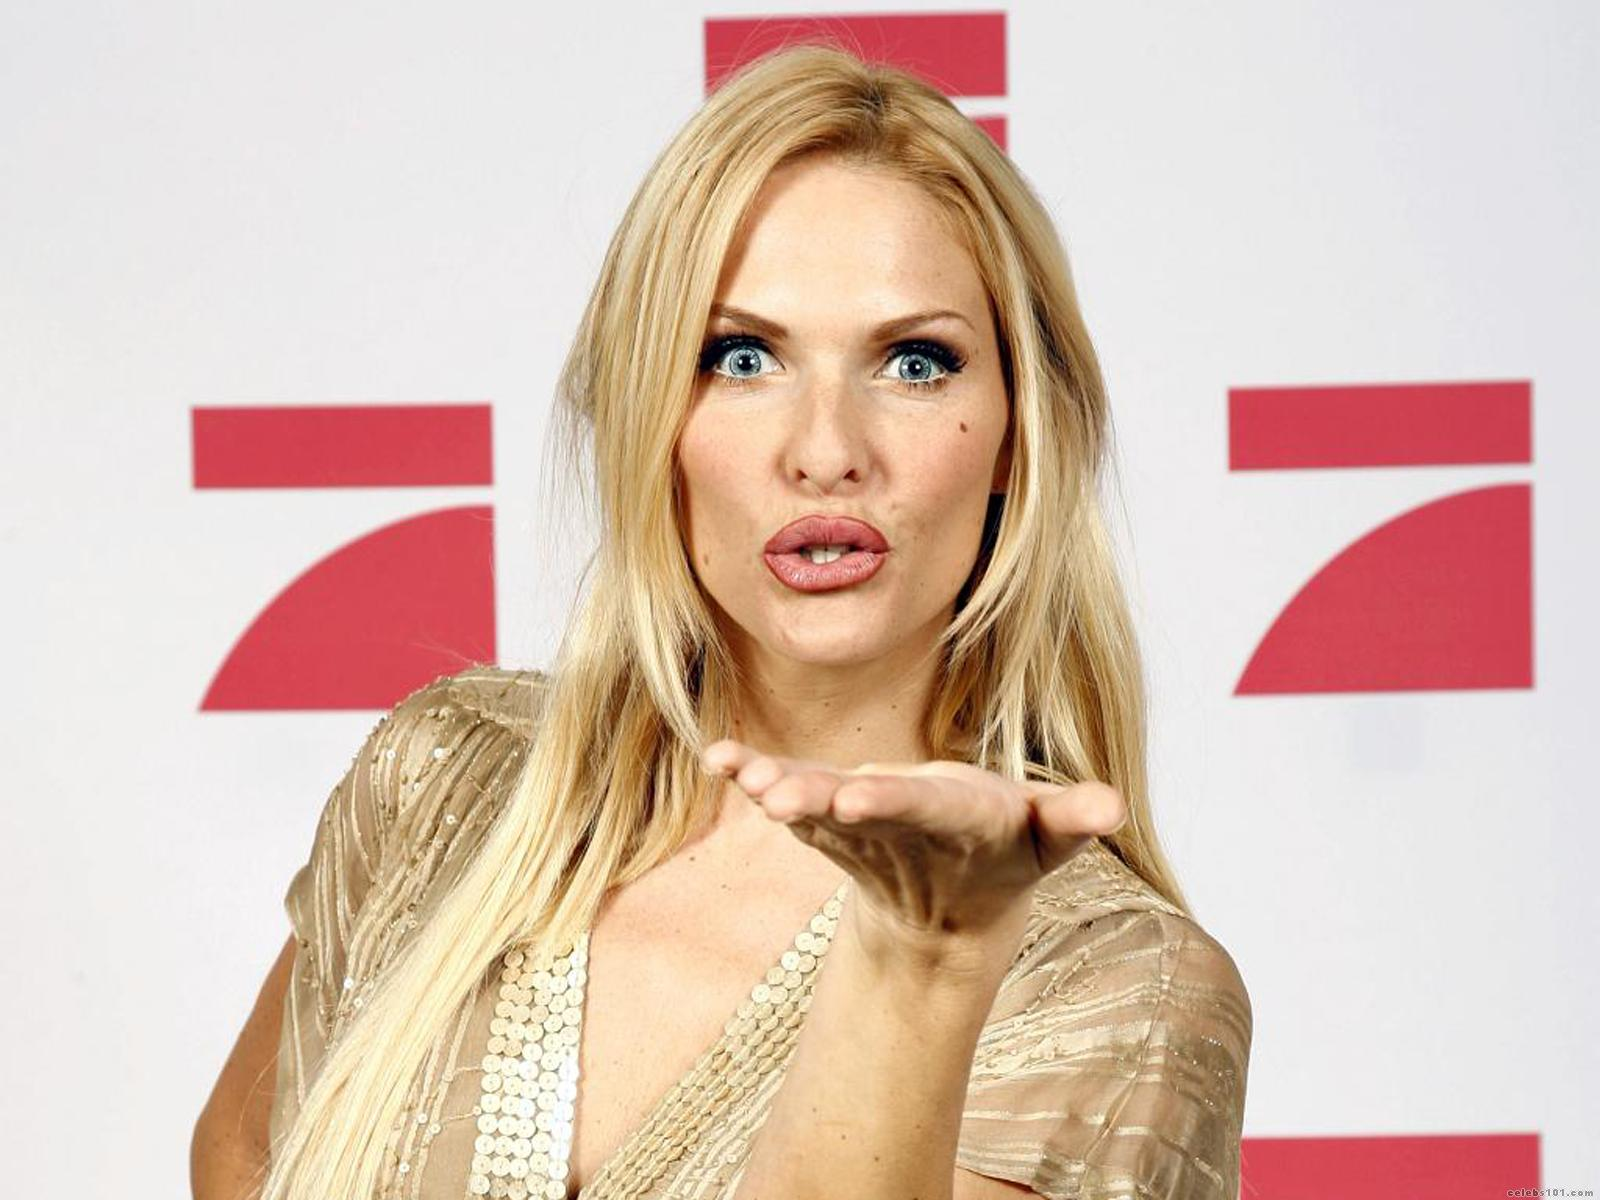 http://www.celebs101.com/wallpapers/Sonya_Kraus/227286/Sonya_Kraus_Wallpaper.jpg